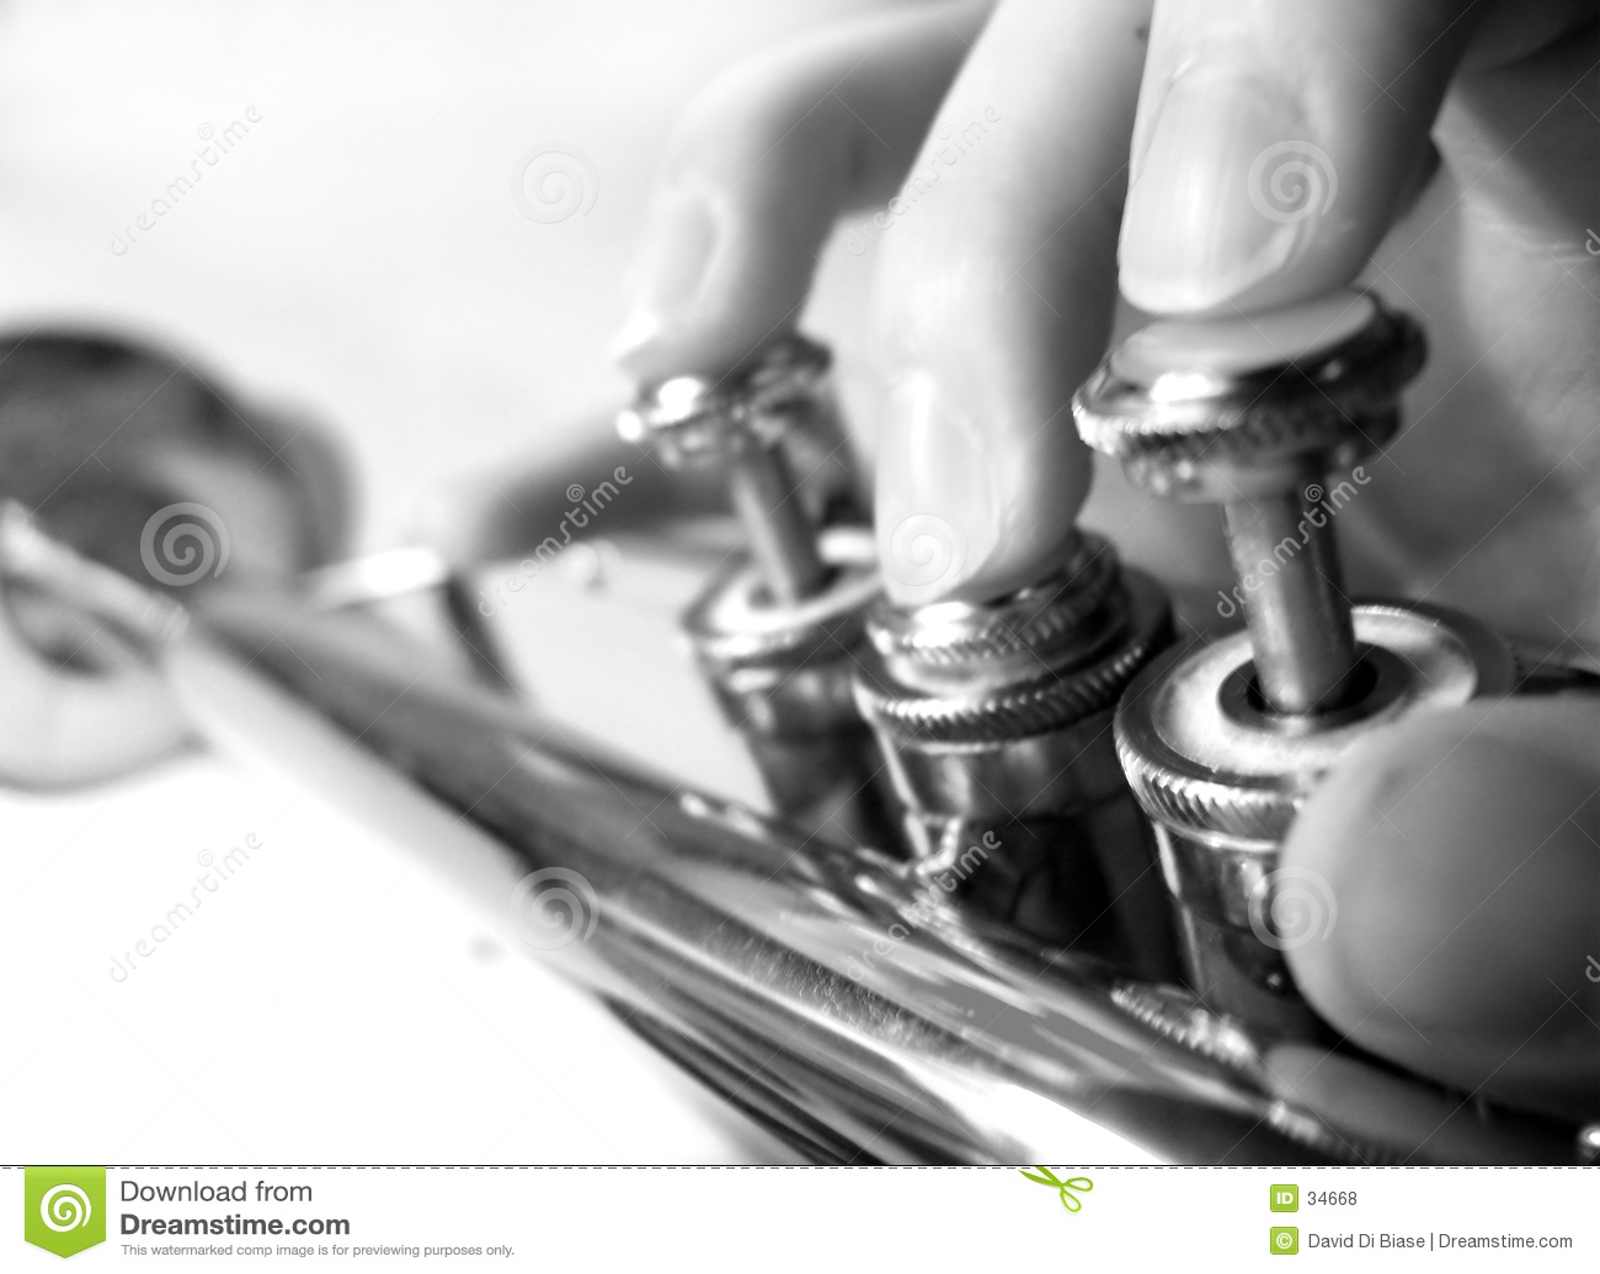 Download Jazz es oben stockfoto. Bild von musiker, toll, unterhaltung - 34668